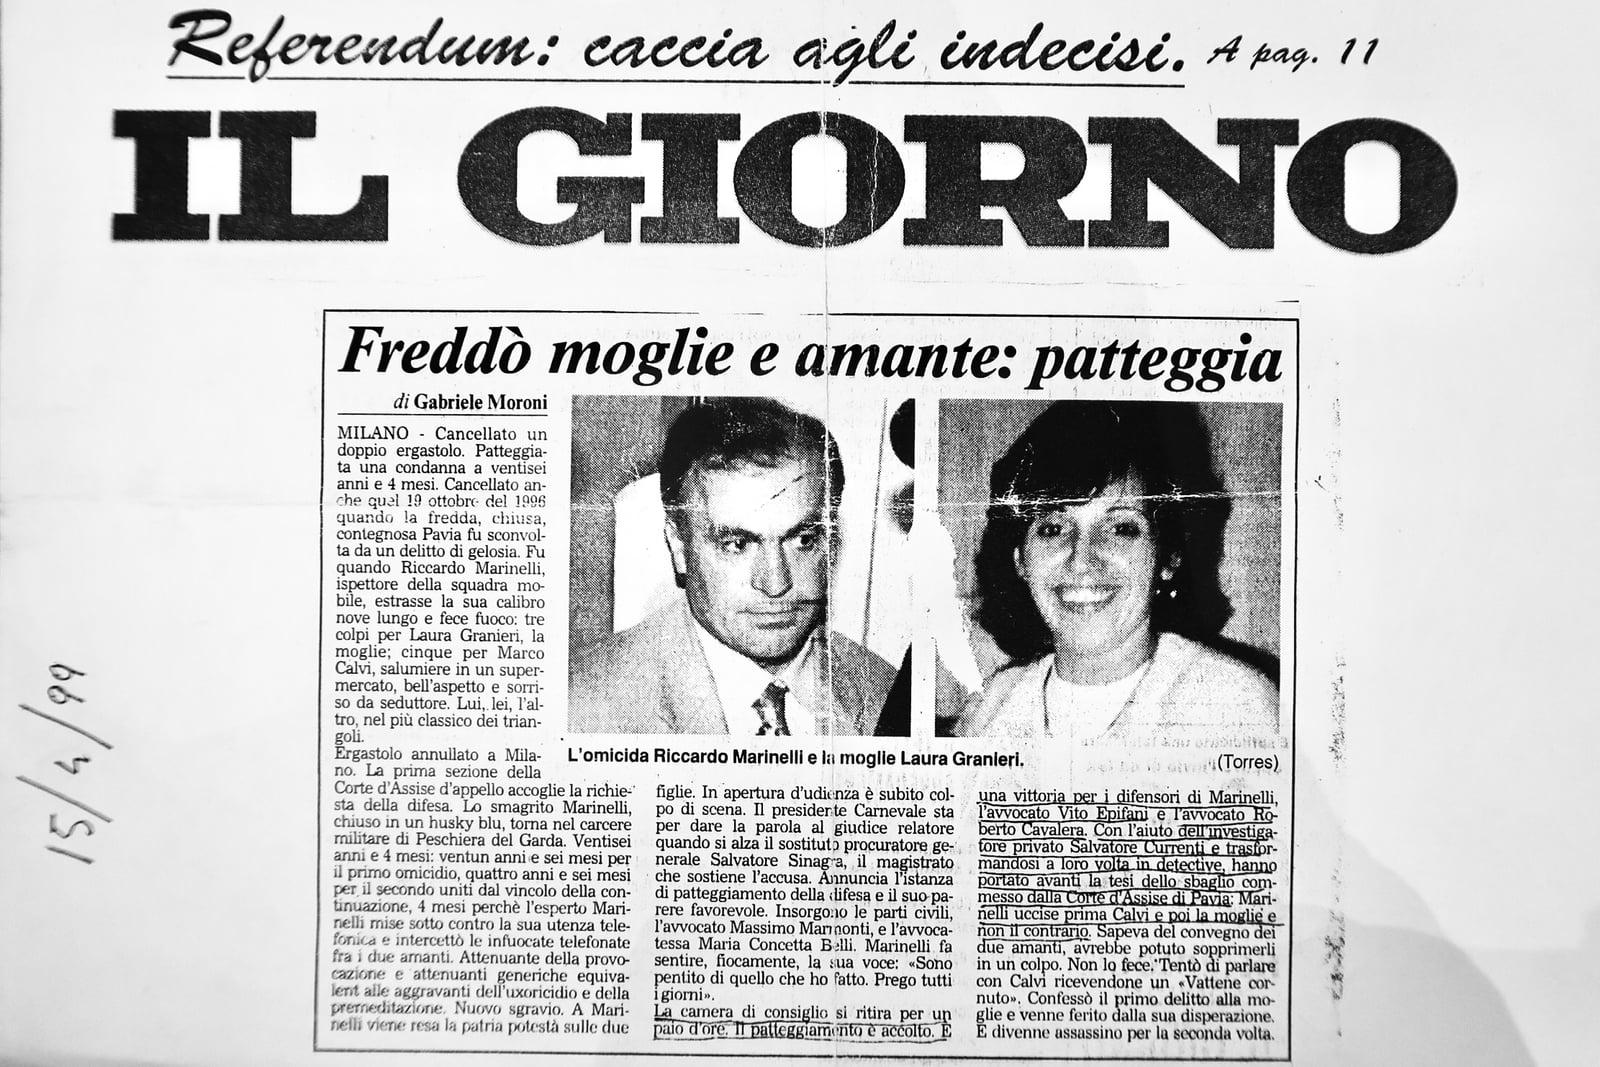 Articolo di giornale su Currenti Investigazioni Pavia foto 4